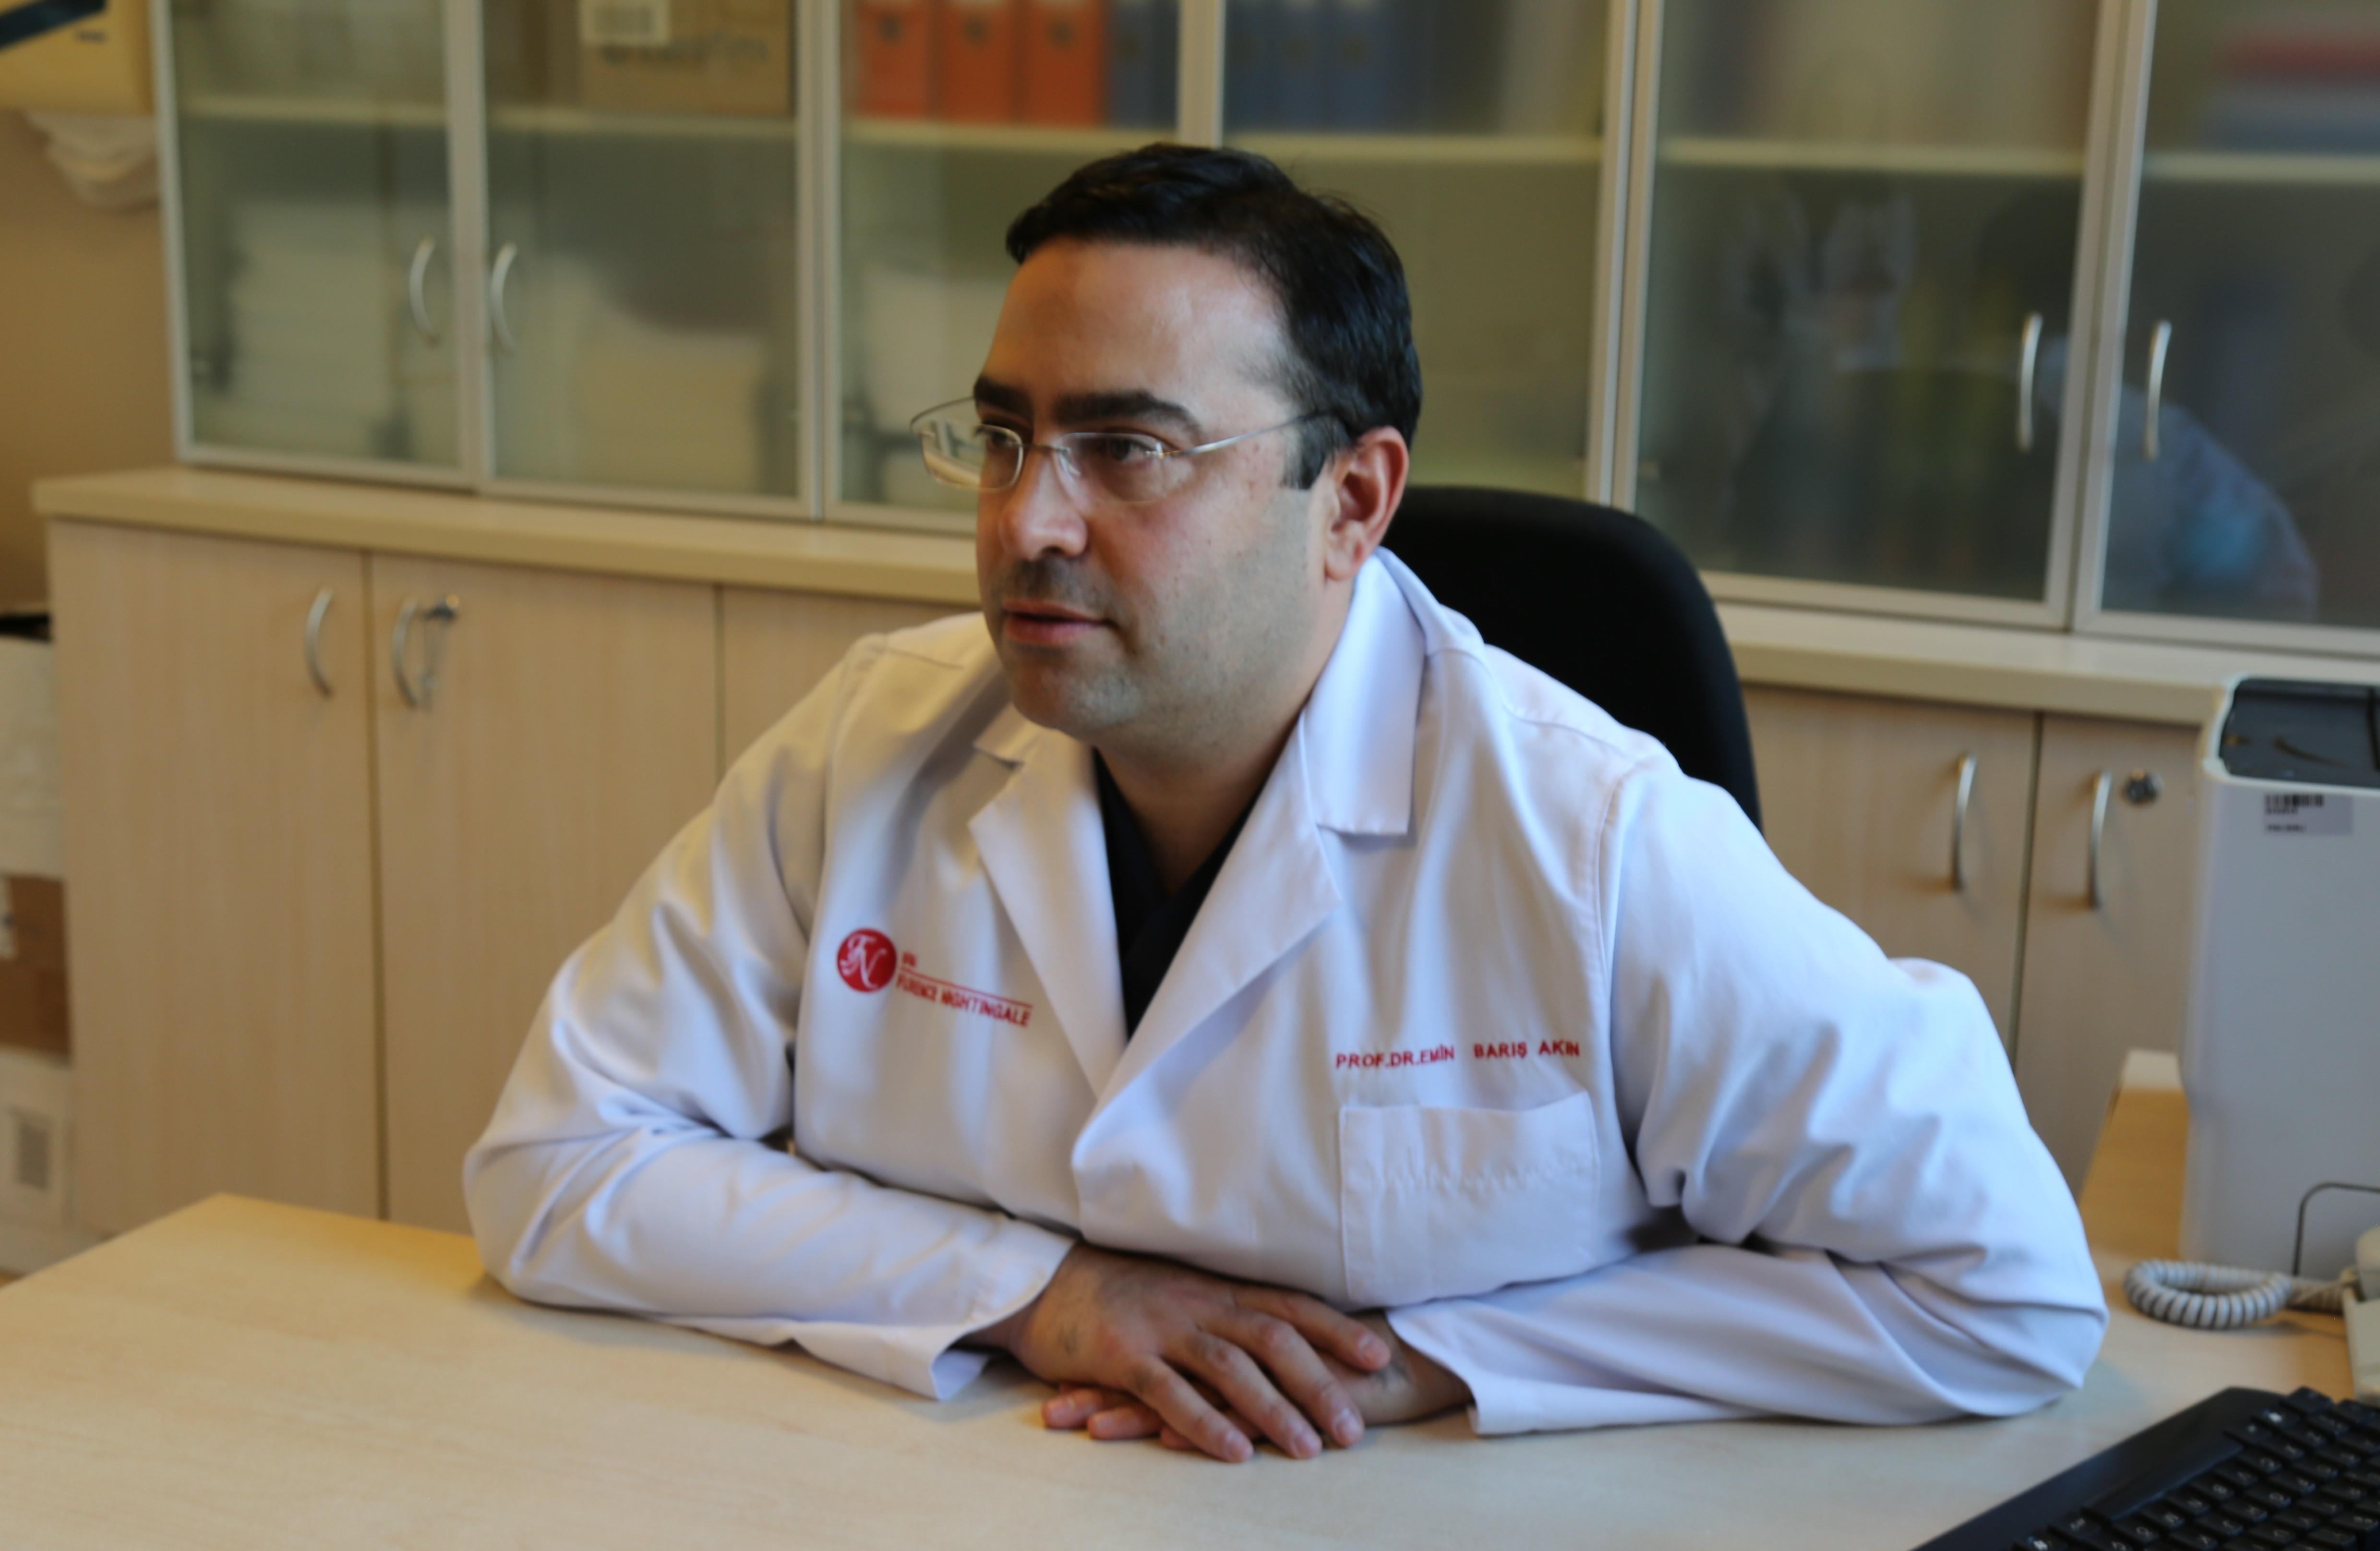 Türkiye' de 24 bin kişi organ bağışı bekliyor